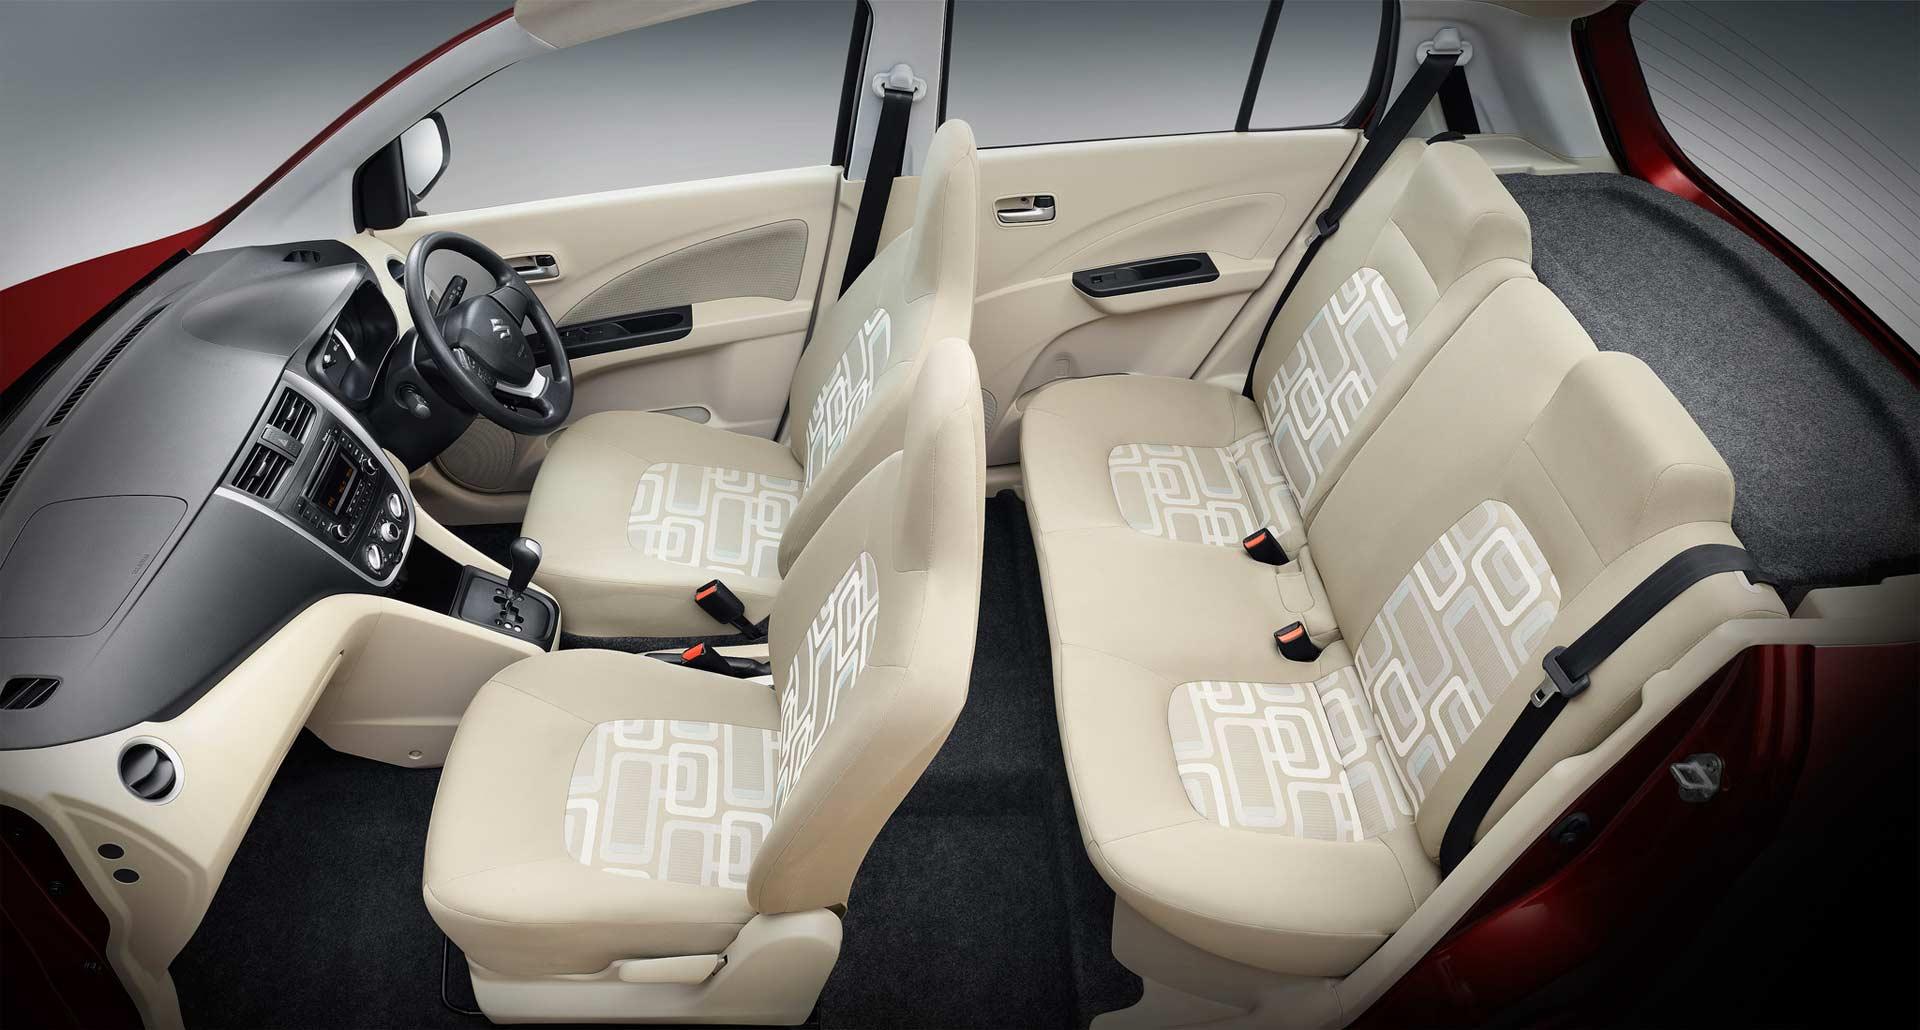 2017-Maruti-Suzuki-Celerio-facelift-interior_2